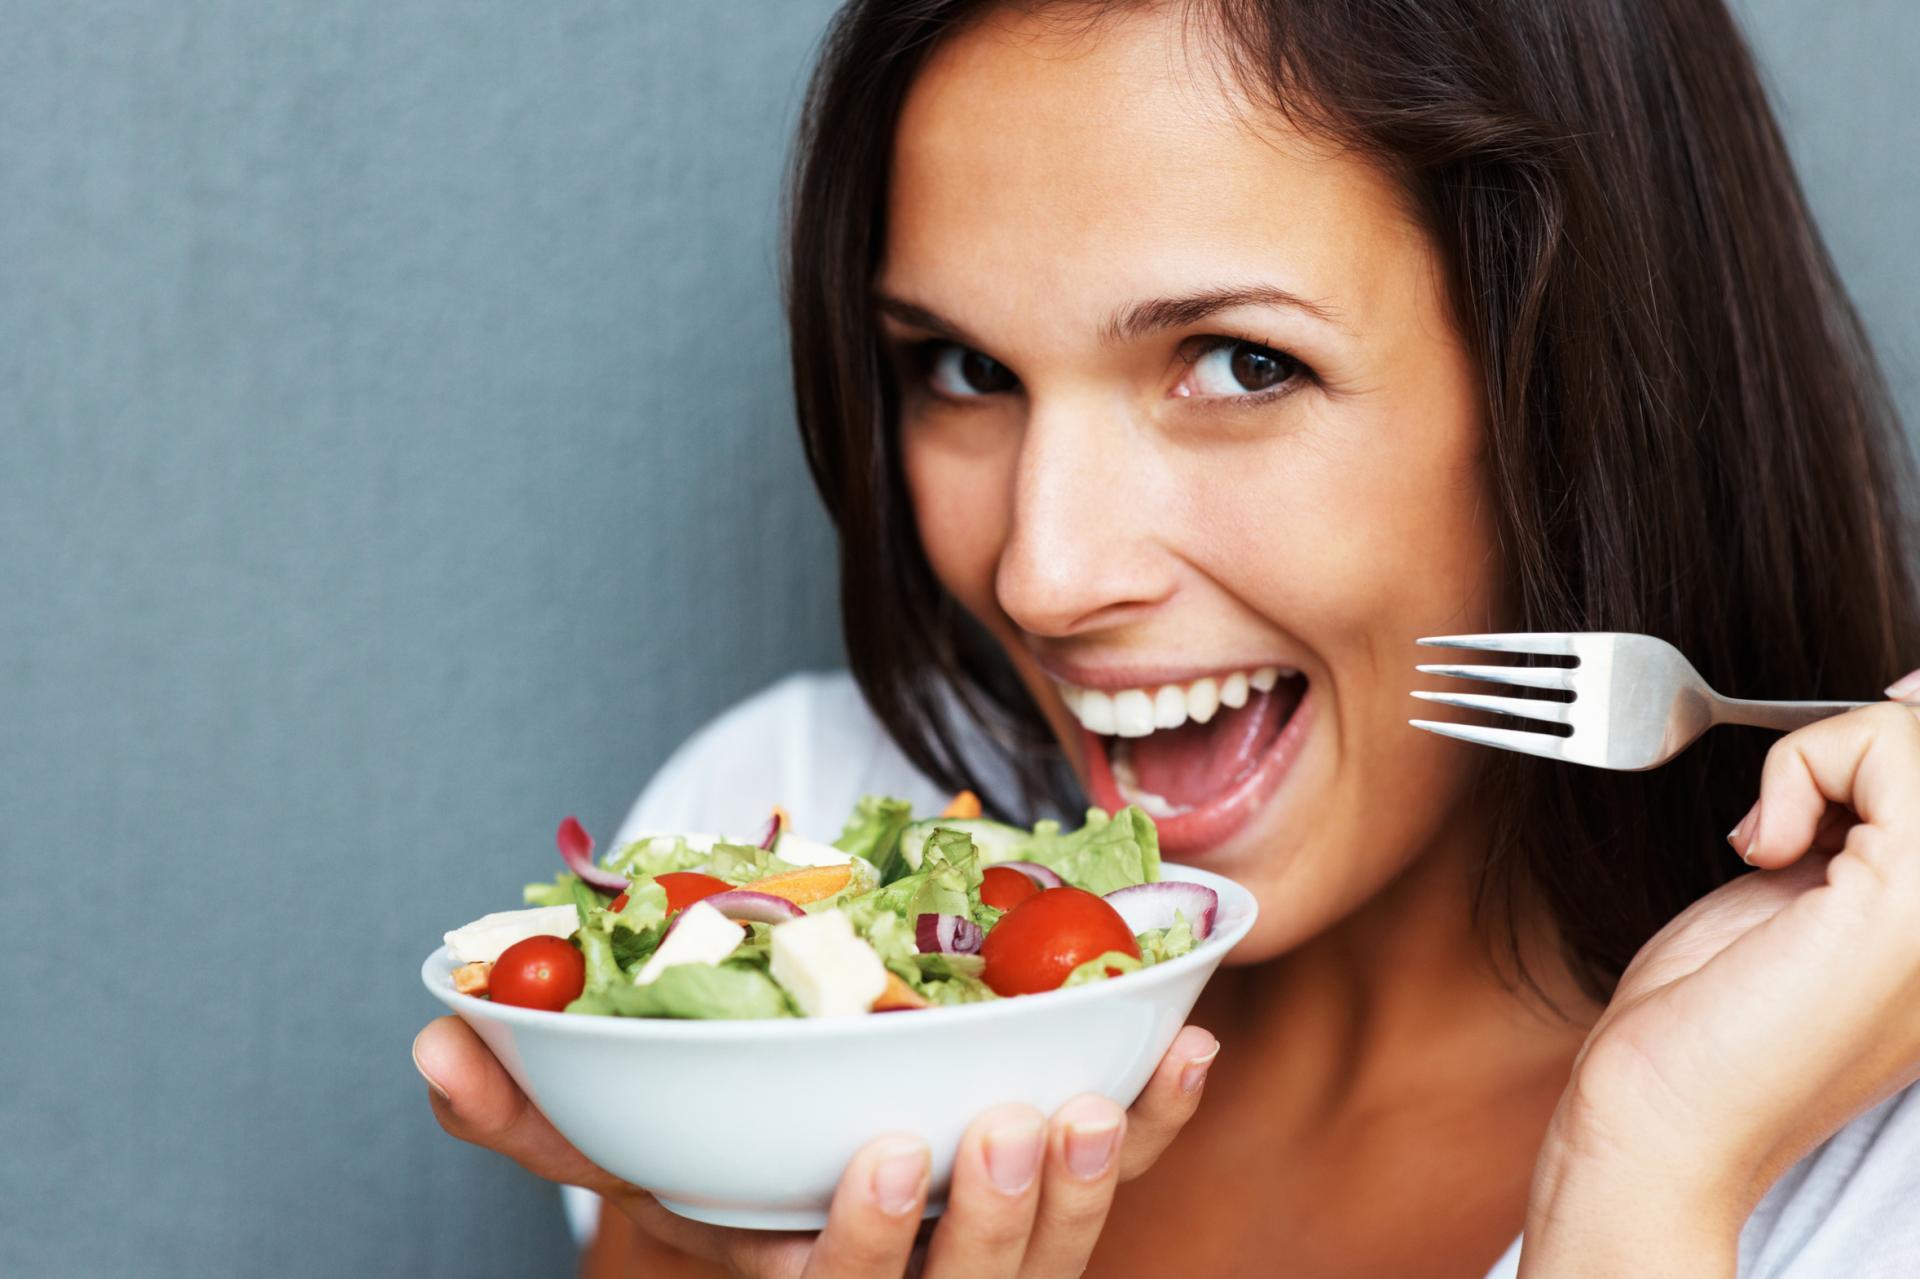 20 дневная диета отзывы и результаты